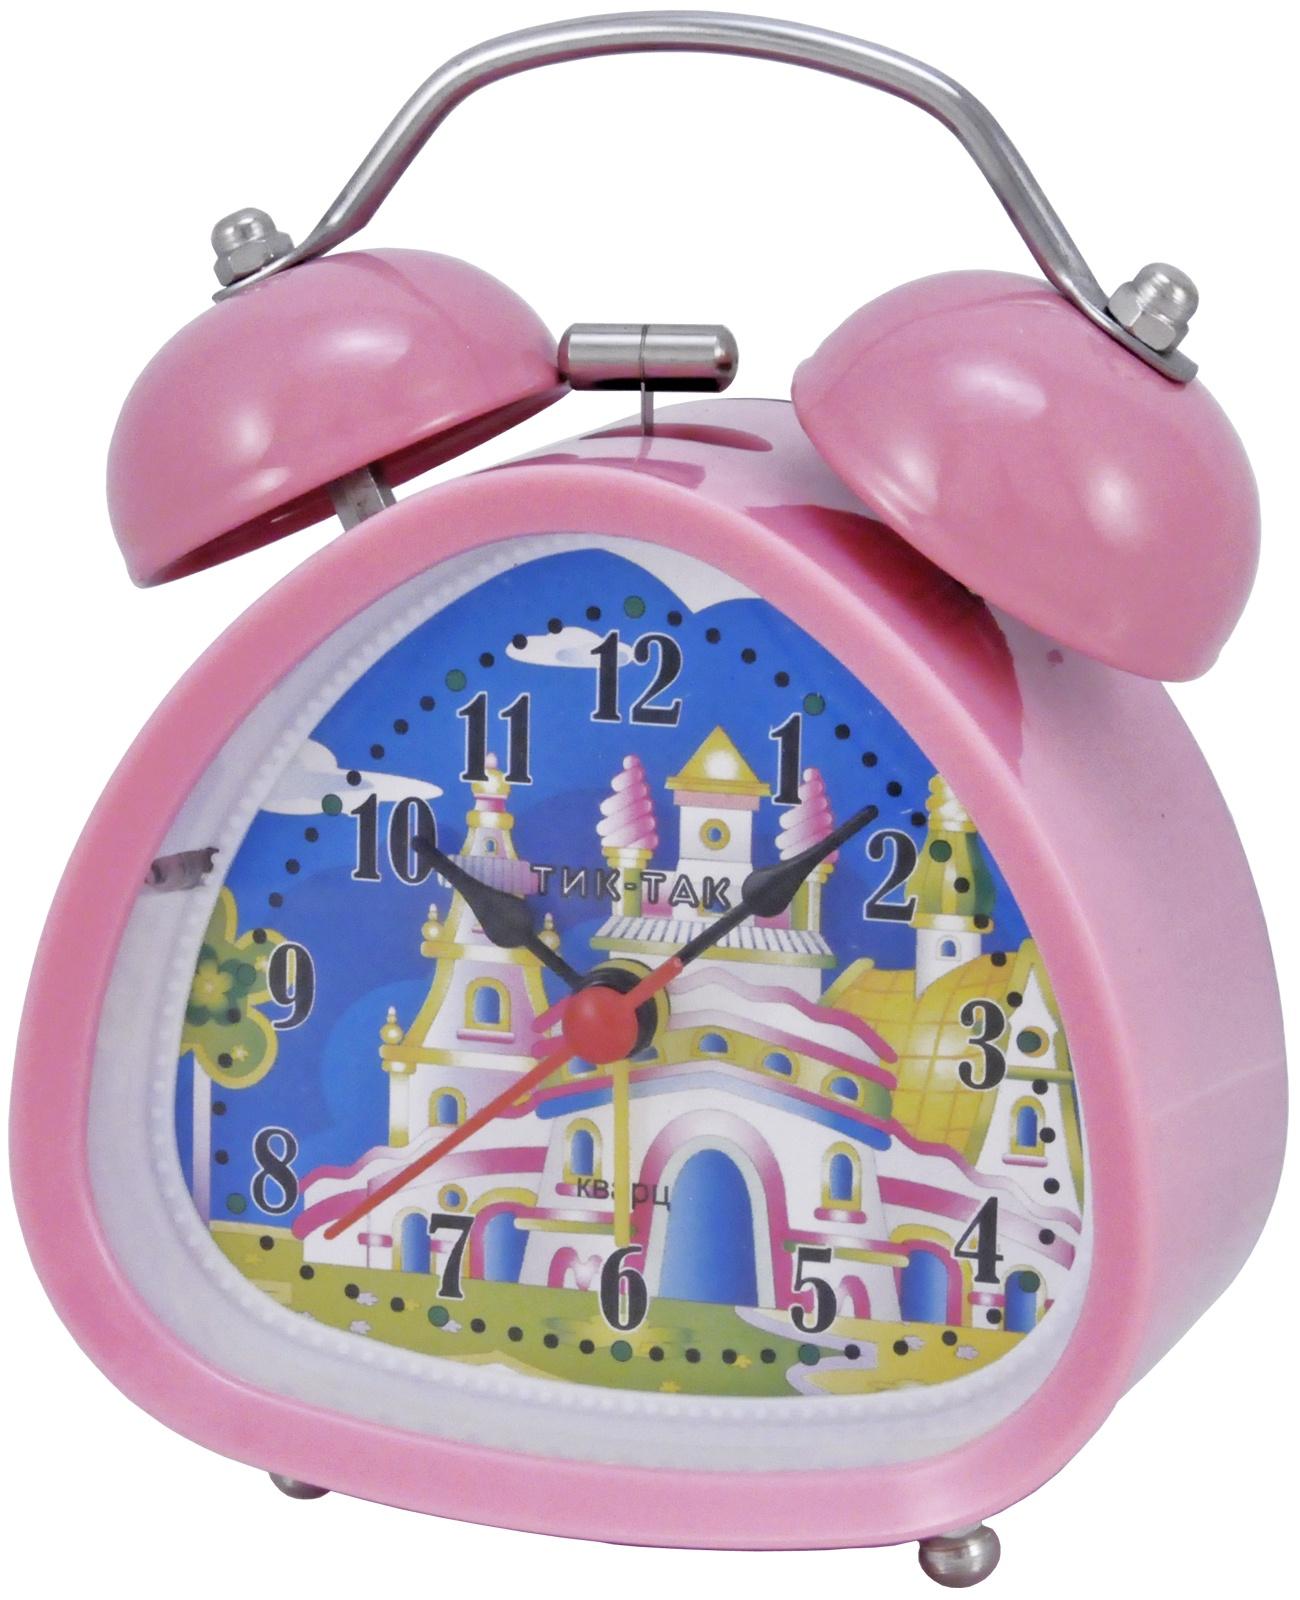 Будильник Тик-Так Б-850, розовый джей гриффитс тик так взгляд на время со стороны